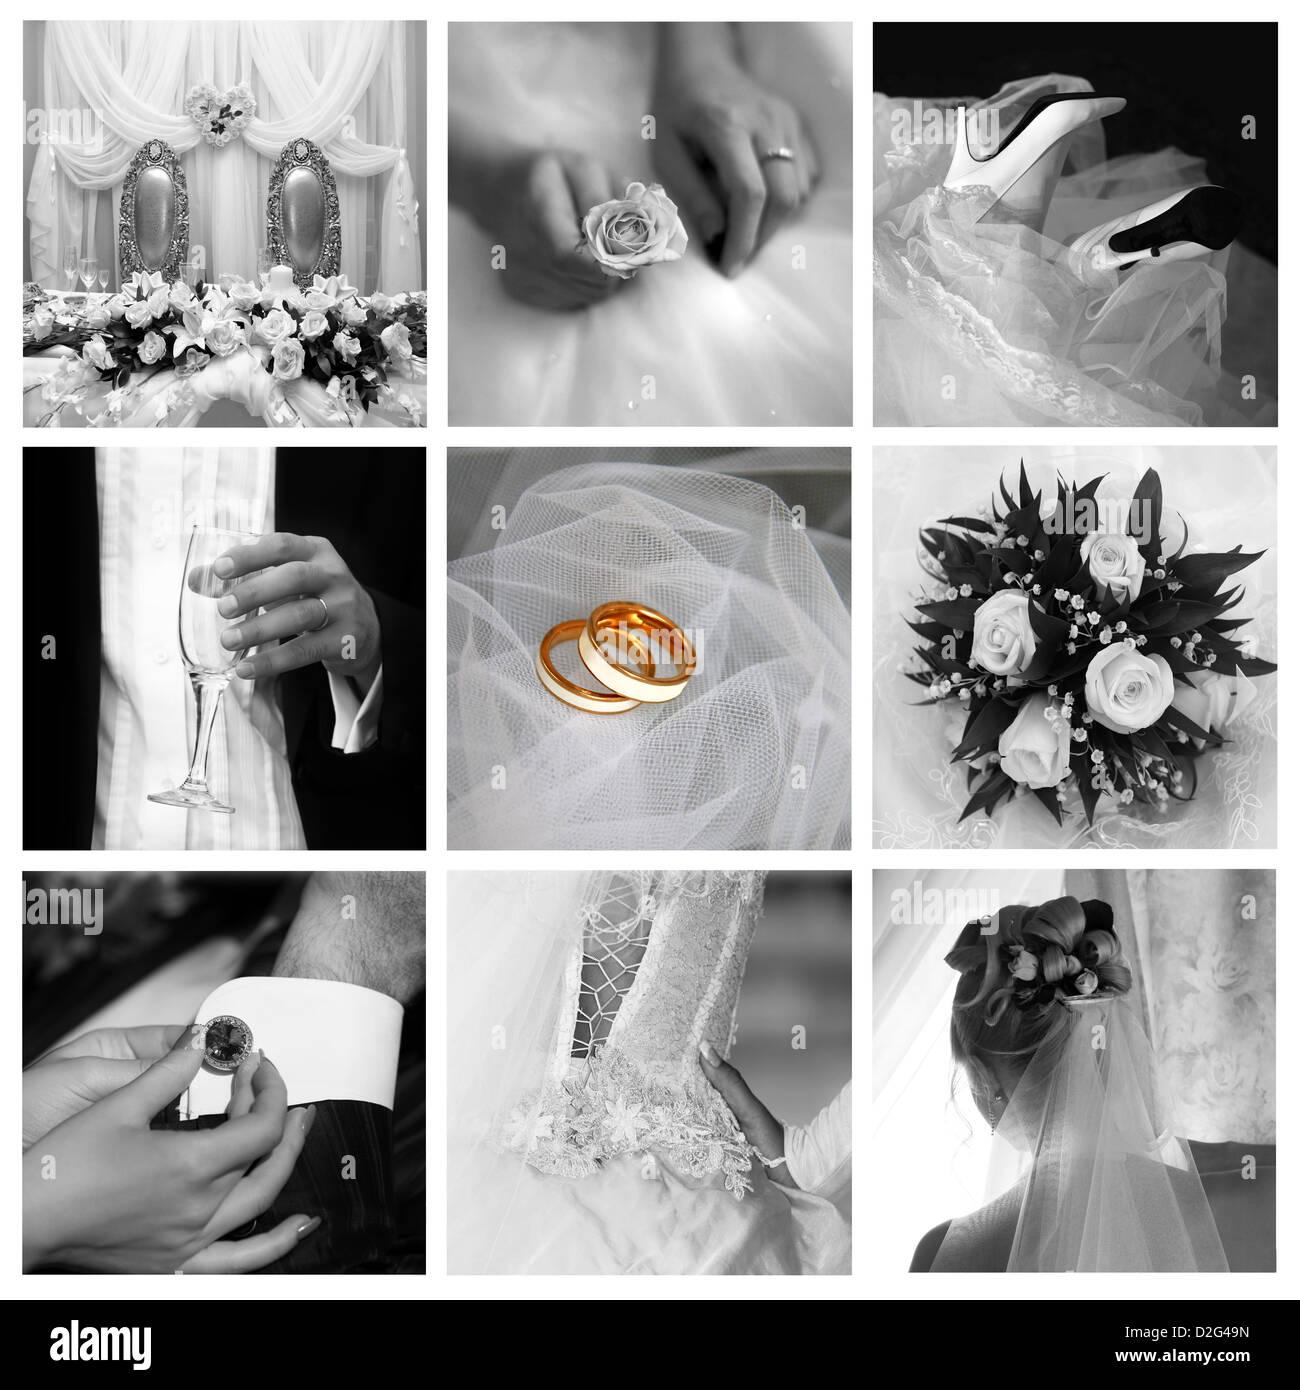 Collage de 9 photos du mariage d'une douce Photo Stock